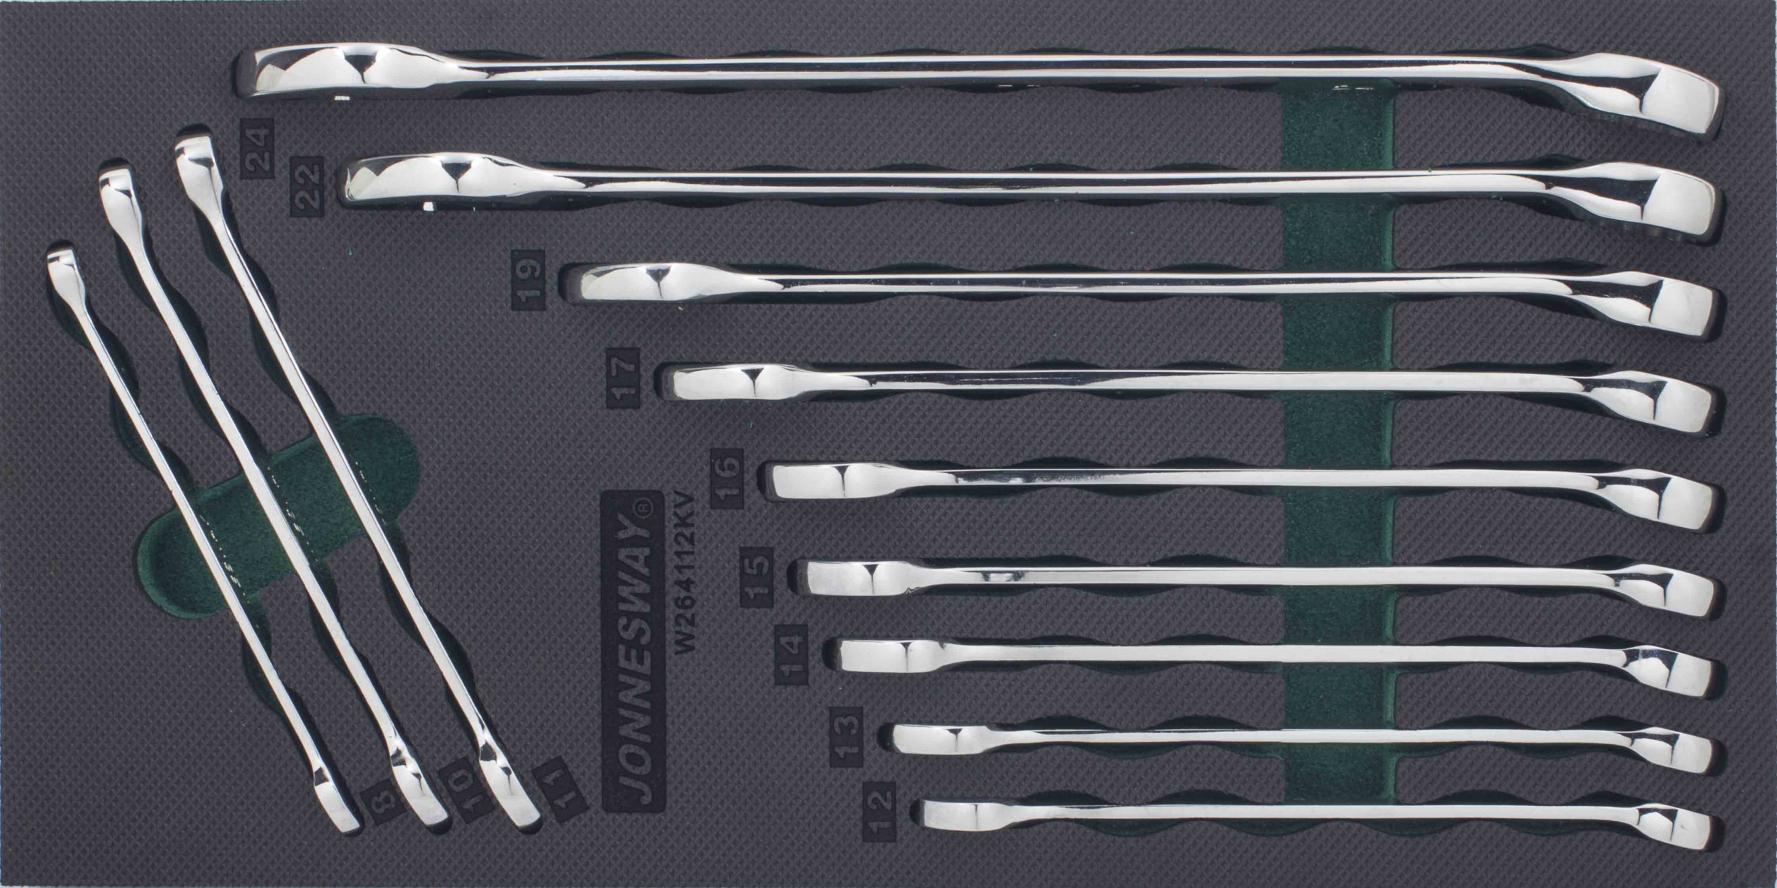 Modul pěnový - očkoploché klíče prodloužené 8 - 24 mm, sada 12 ks - JONNESWAY W264112KV